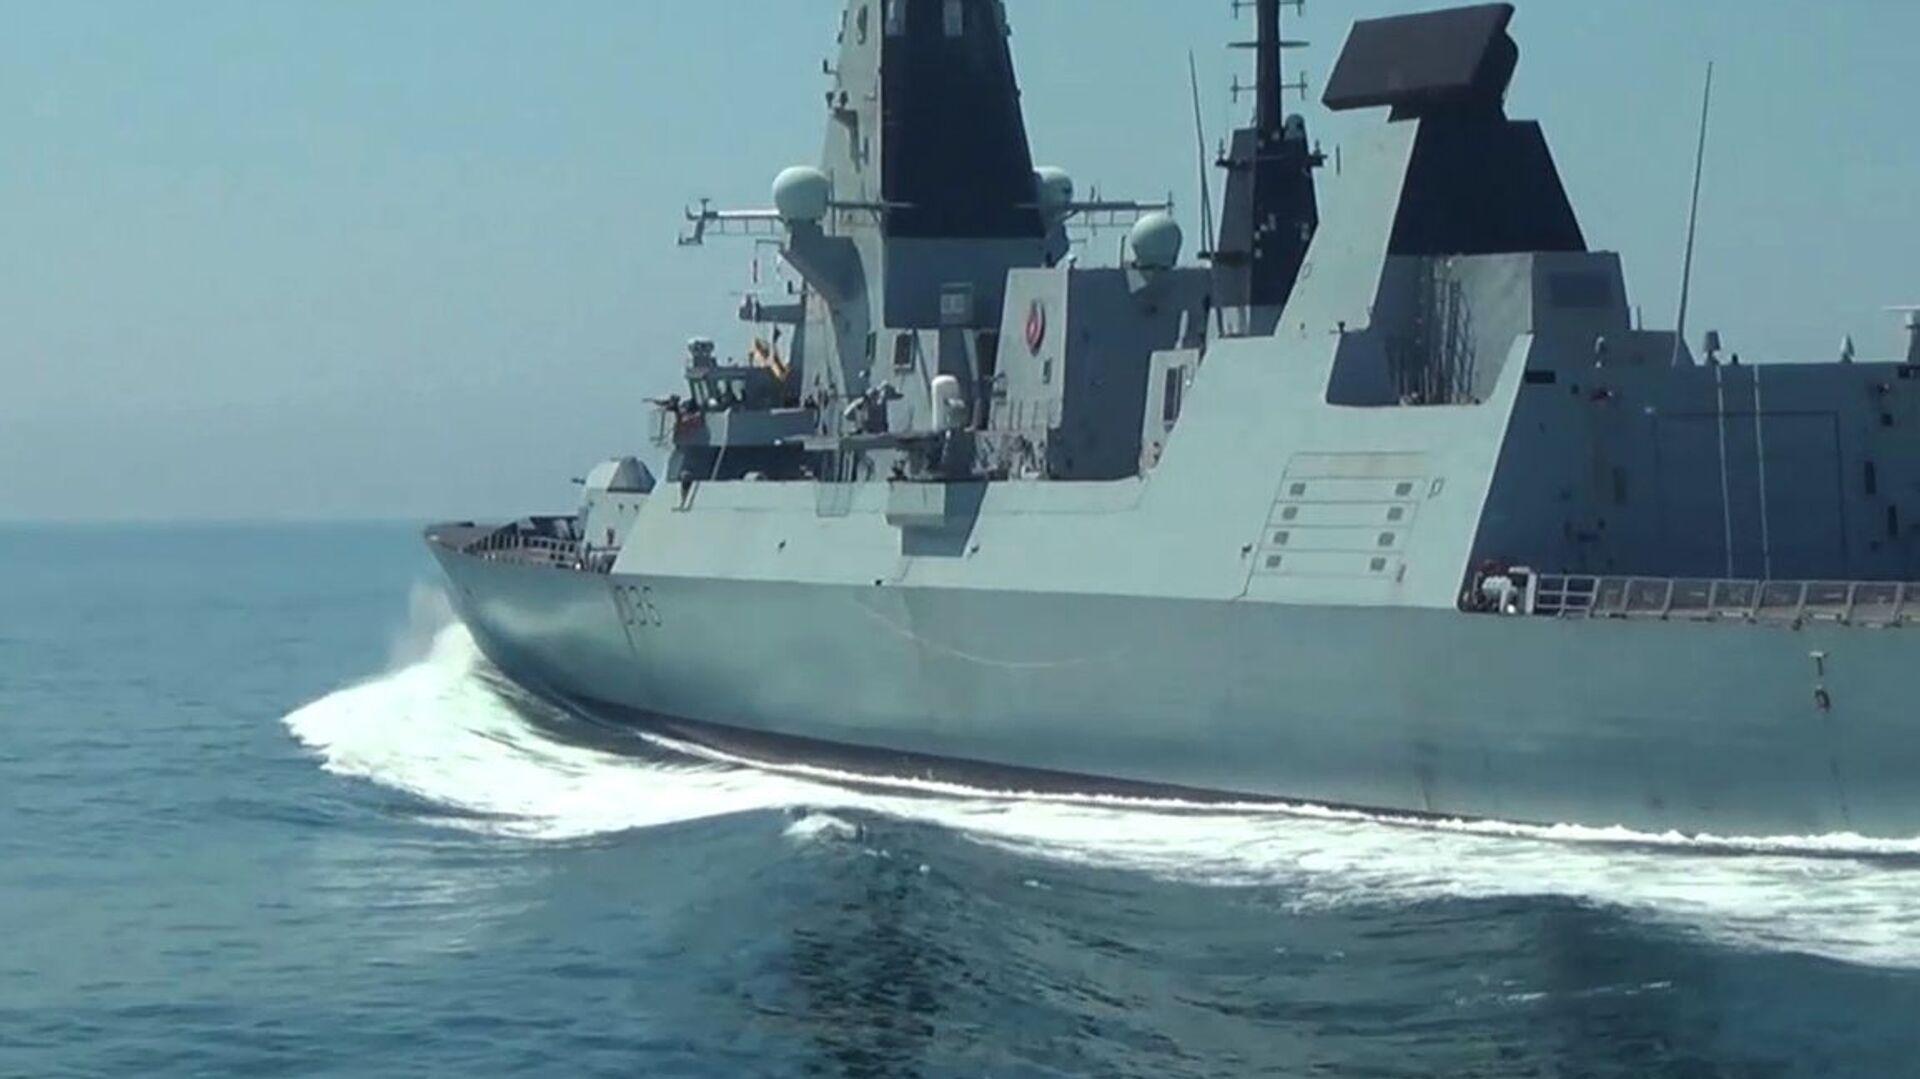 Эсминец Defender ВМС Великобритании в районе мыса Фиолент - Sputnik Узбекистан, 1920, 02.07.2021